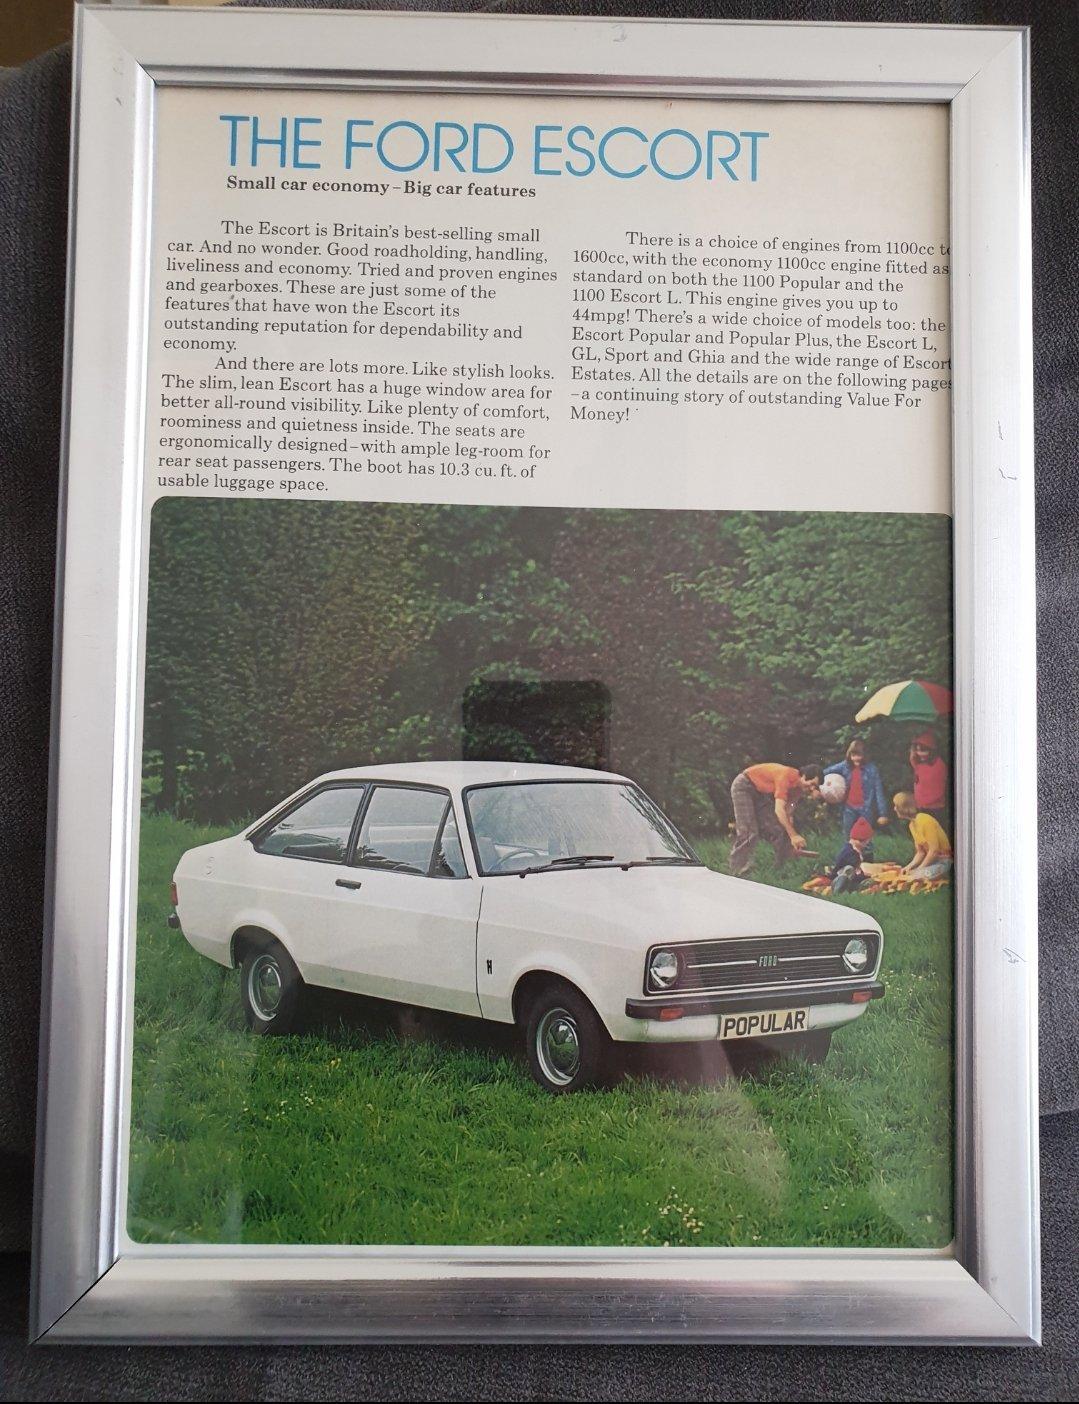 1976 Ford Escort MK2 Framed Advert Original  For Sale (picture 1 of 2)